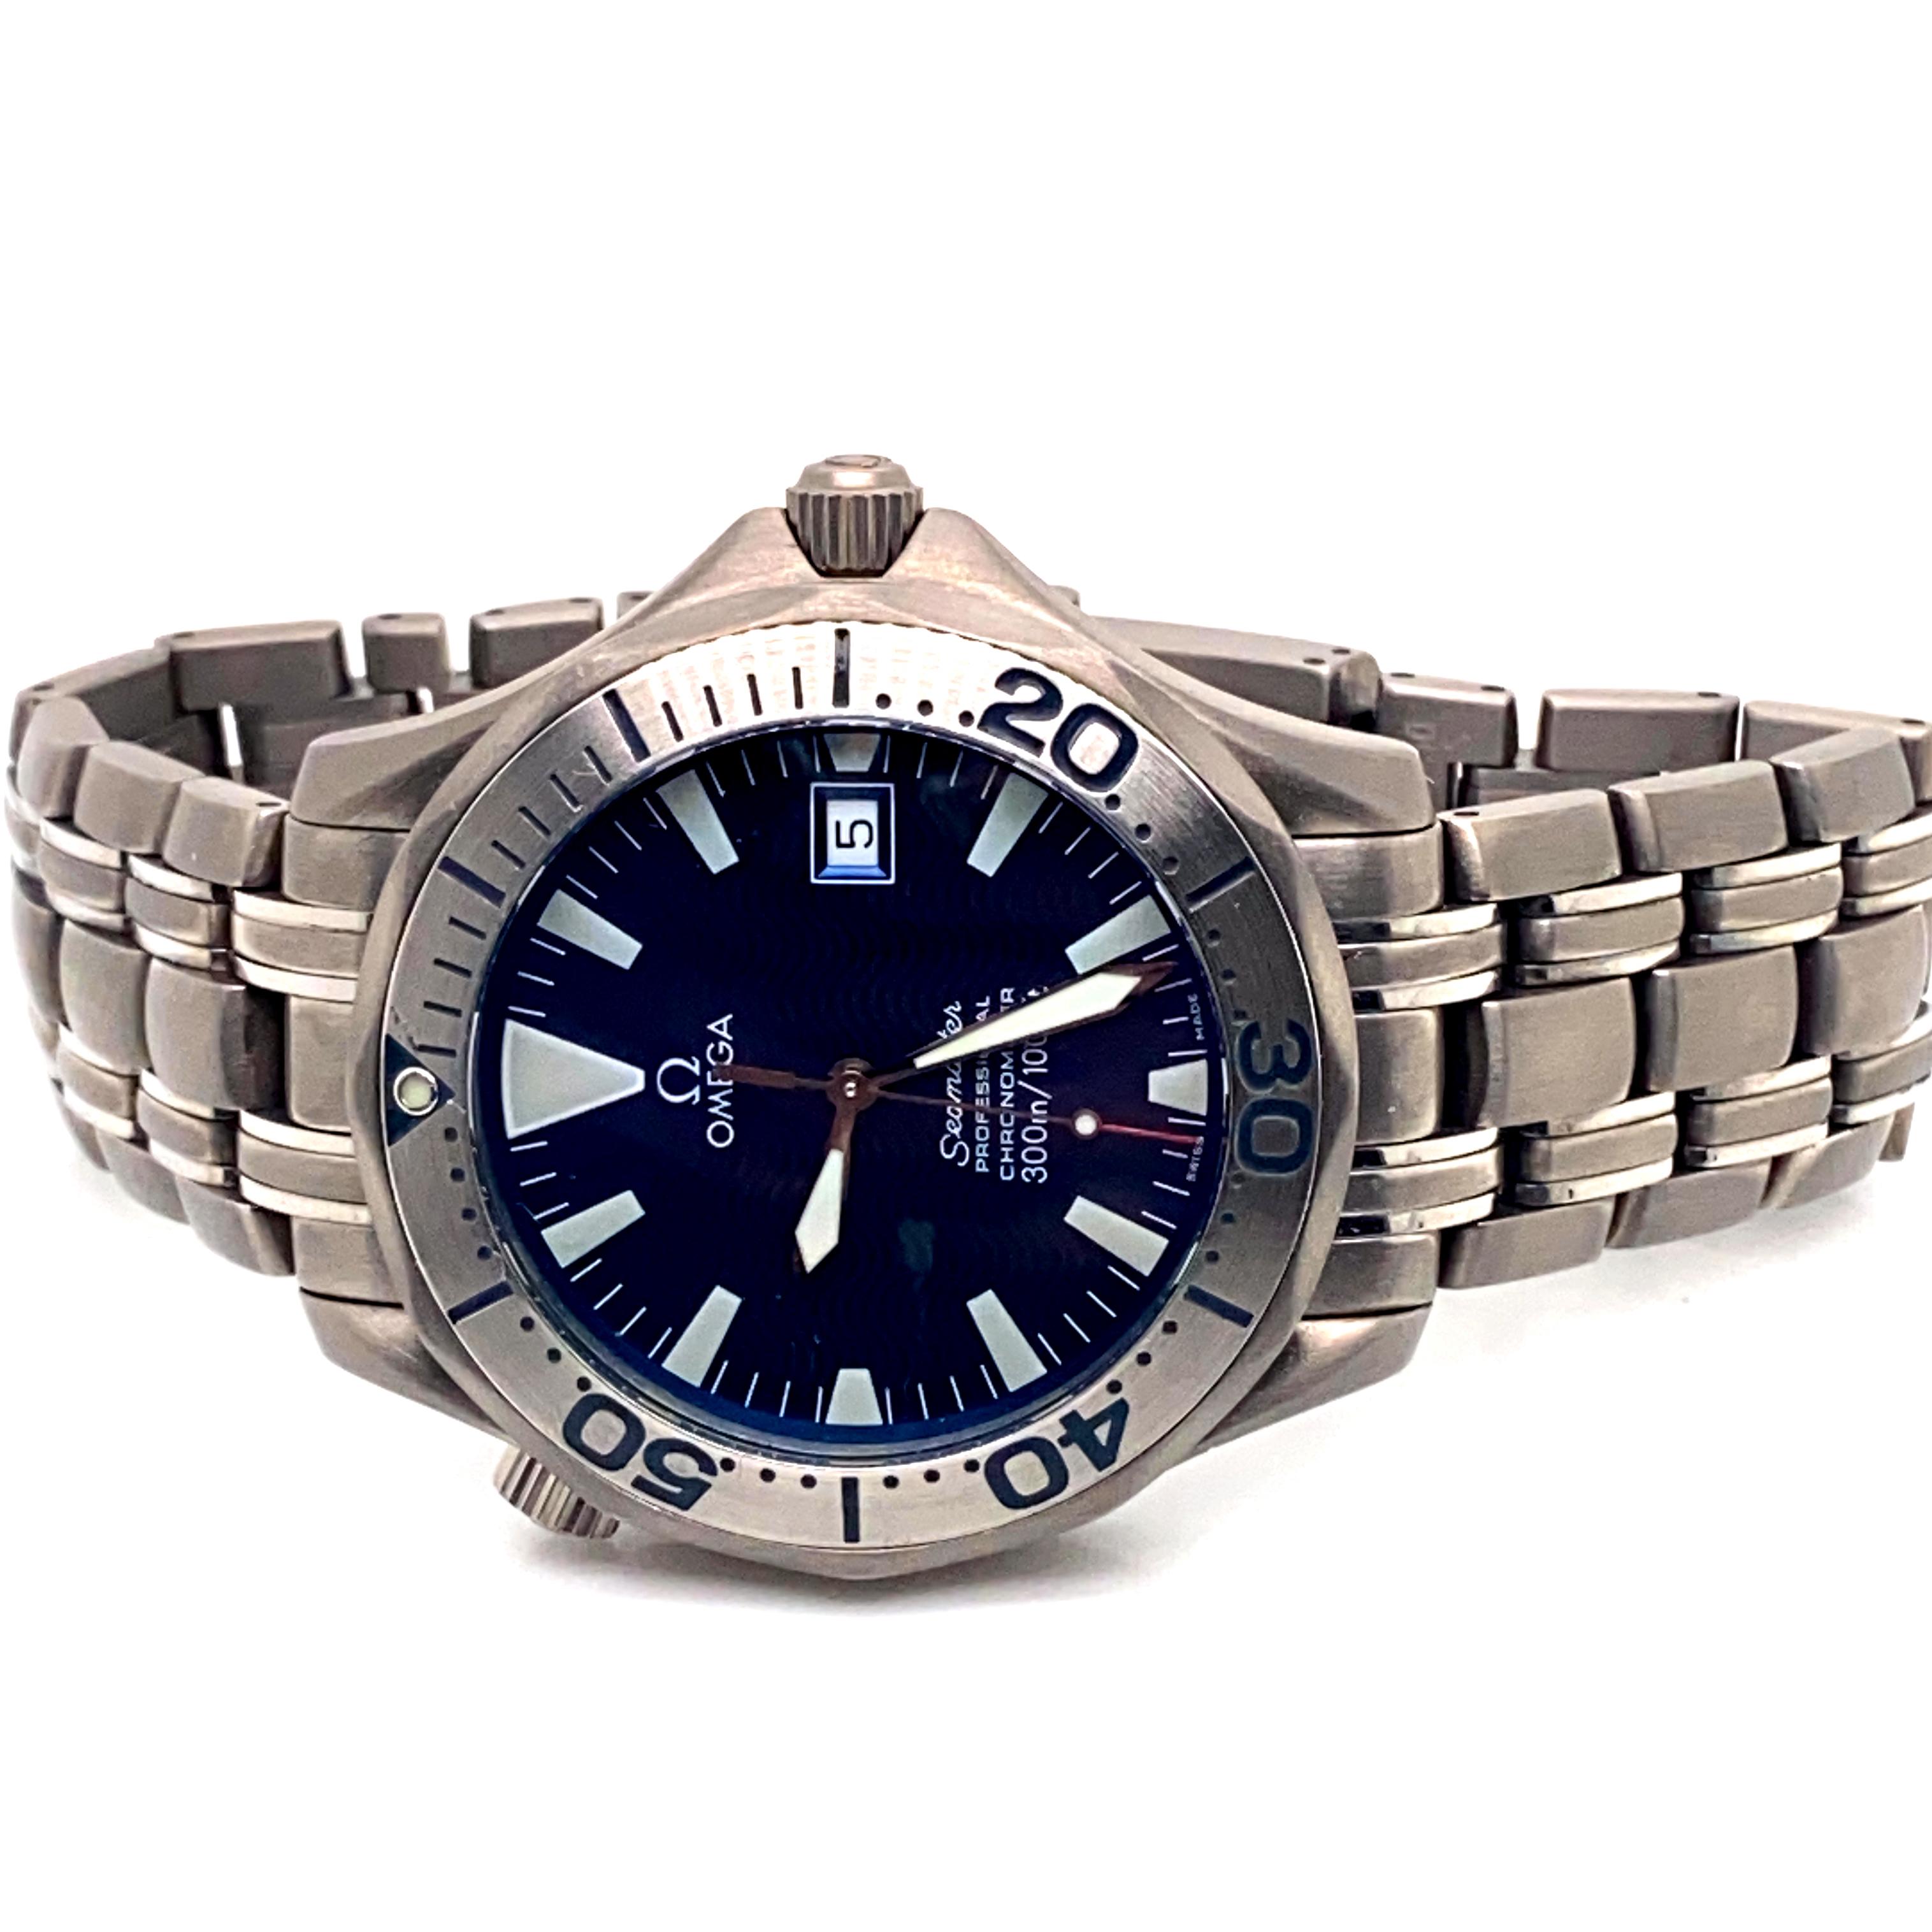 Lot 23 - Omega Seamaster 300m Titanium ref 2231800